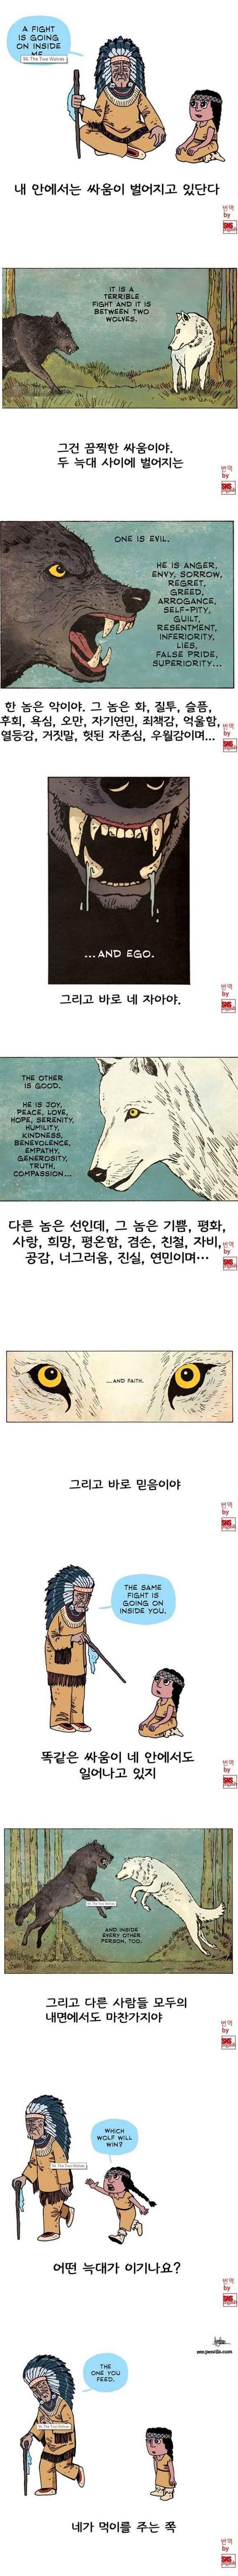 체로키 인디언의 늑대 이야기 | 인스티즈